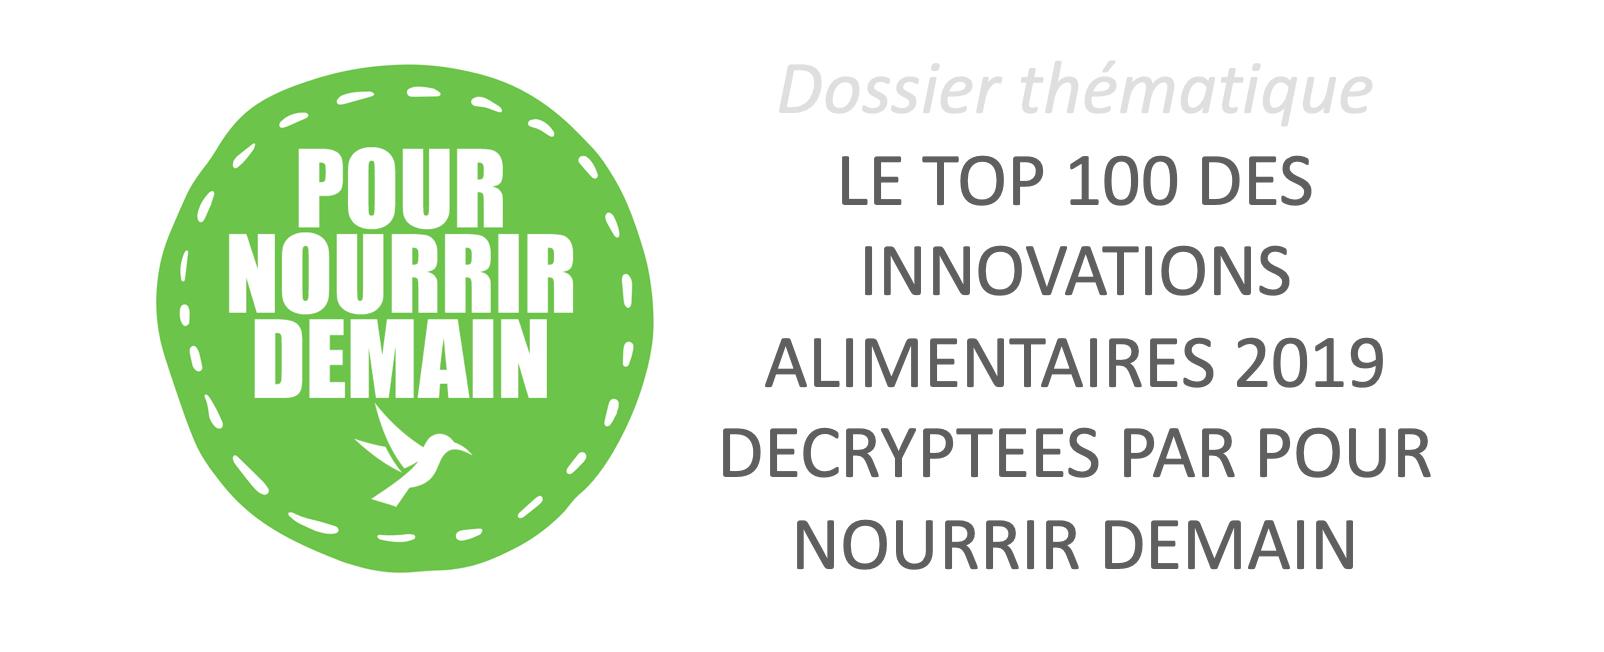 Capture d'écran 2019 12 18 à 15.57.30 - Le TOP 100 des innovations alimentaires 2019 décryptées par Pour nourrir demain